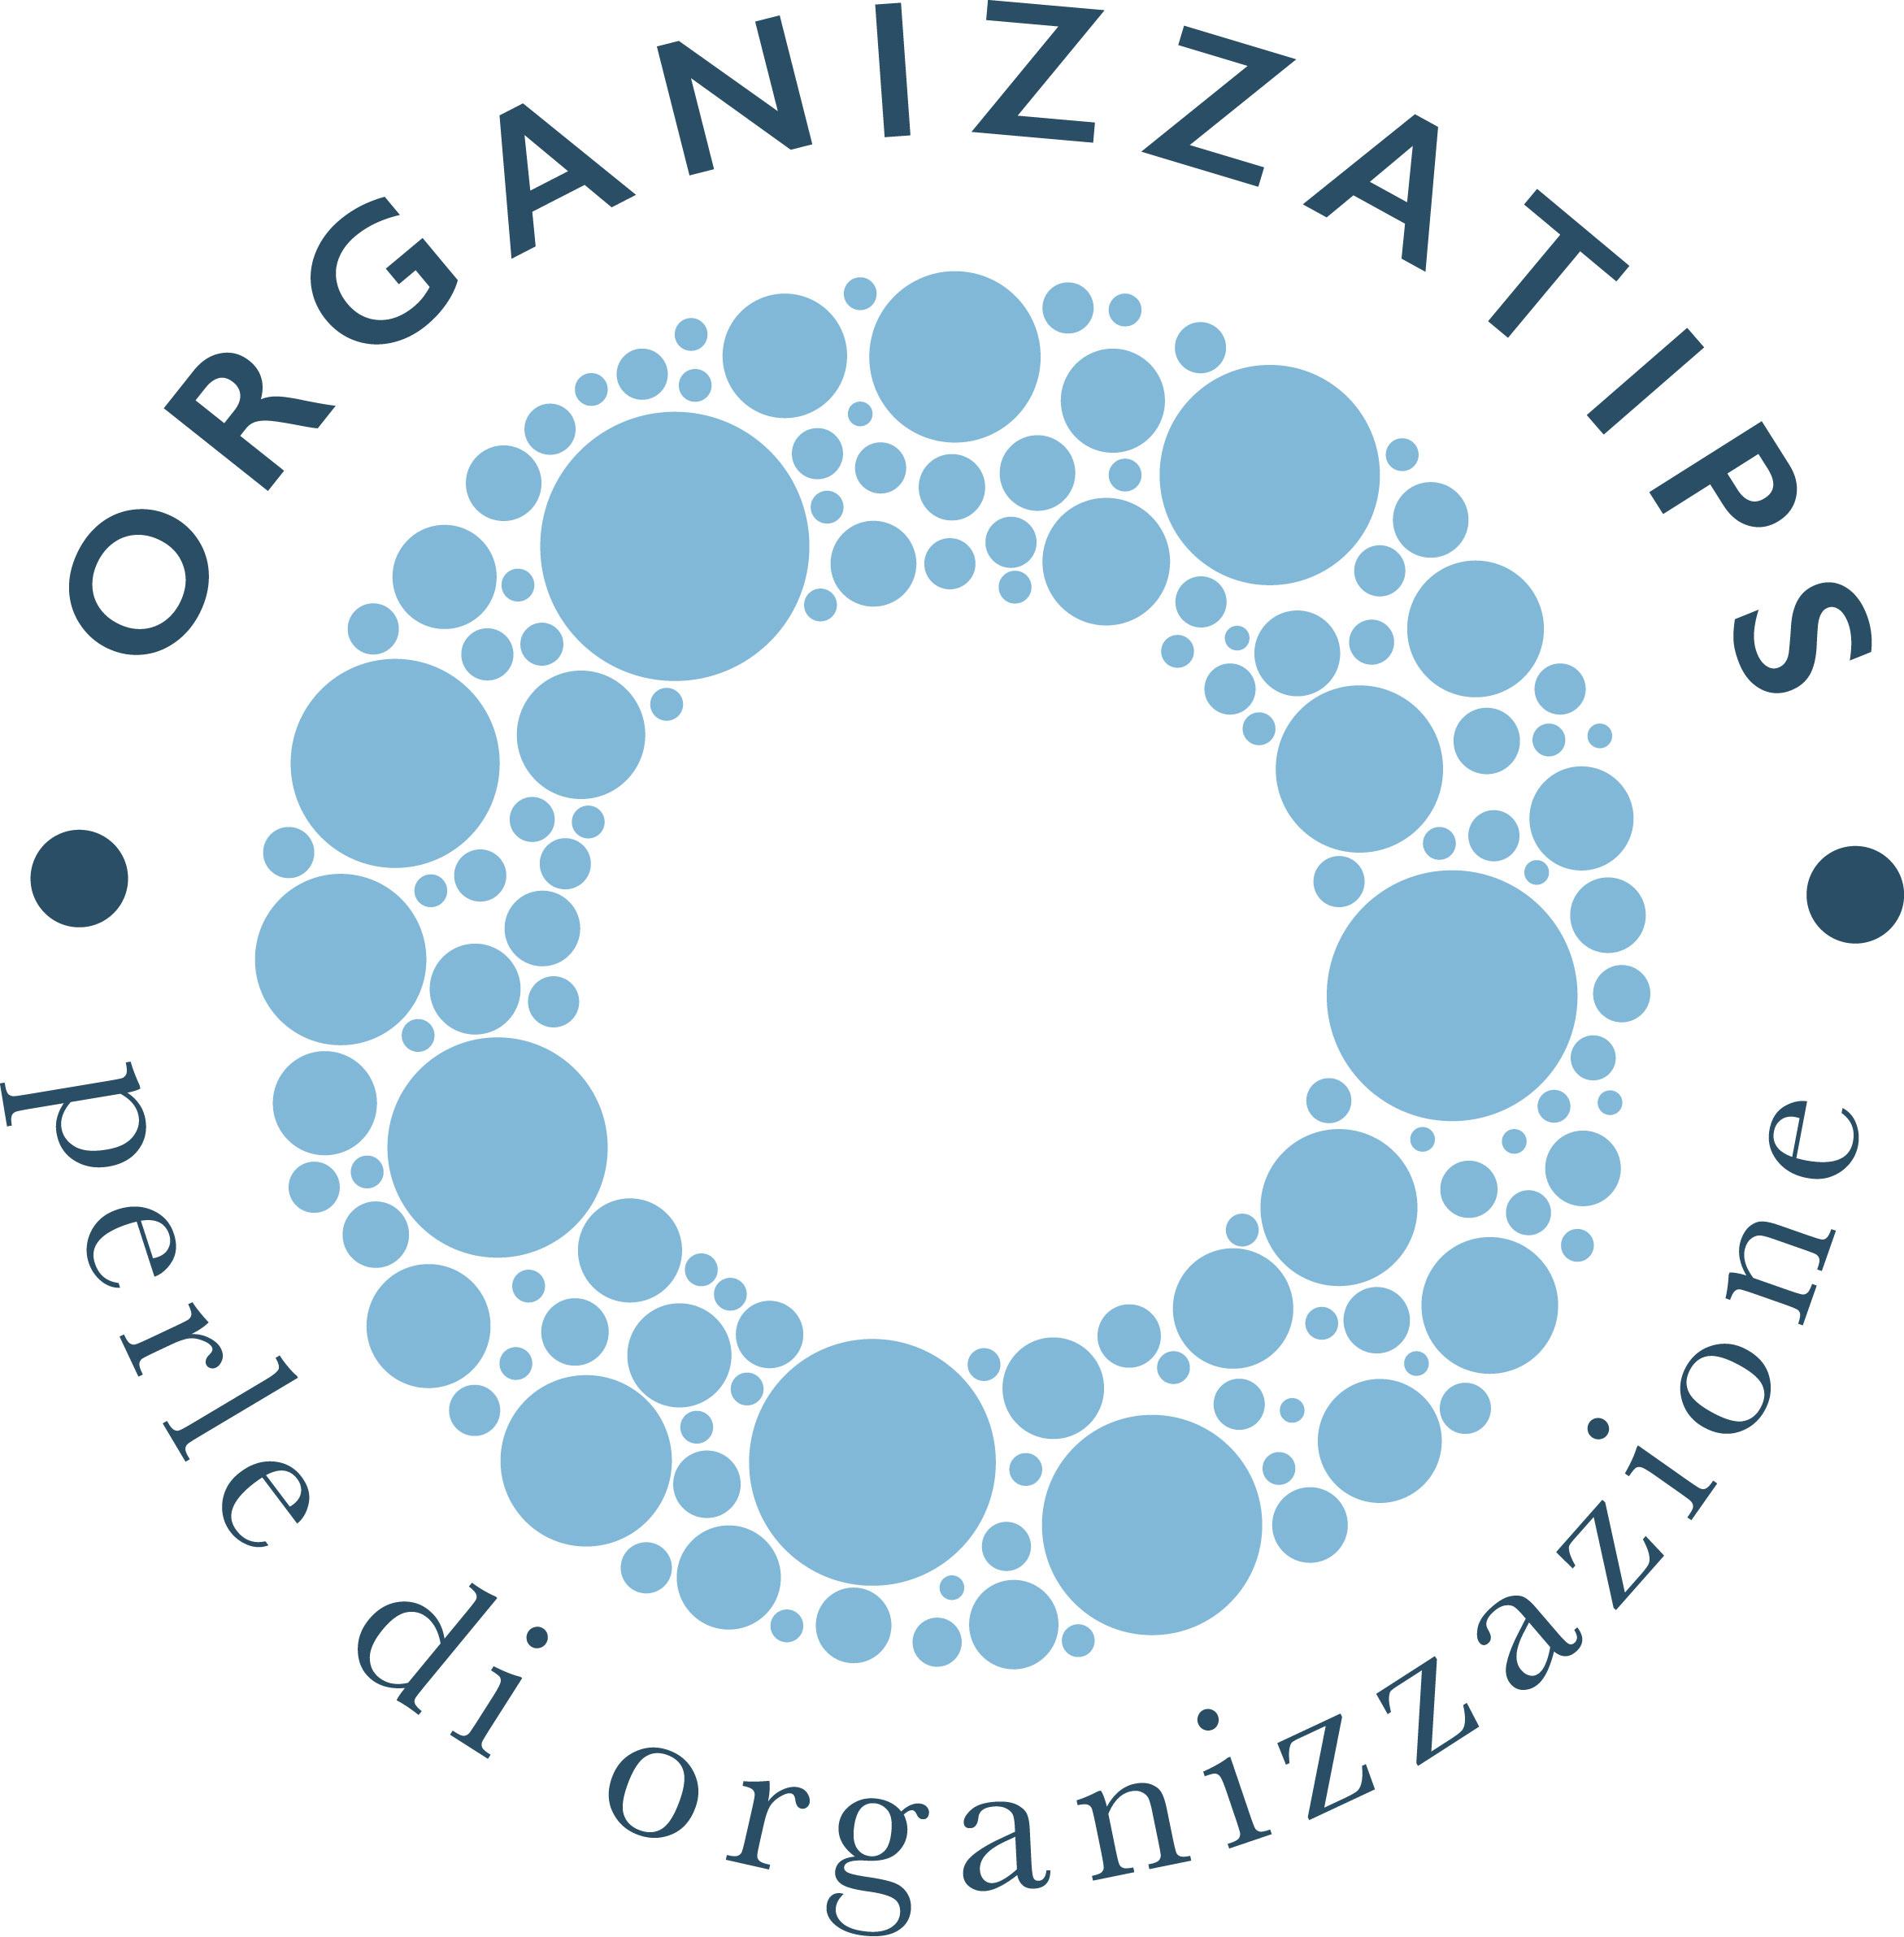 Organizzatips-quadrato